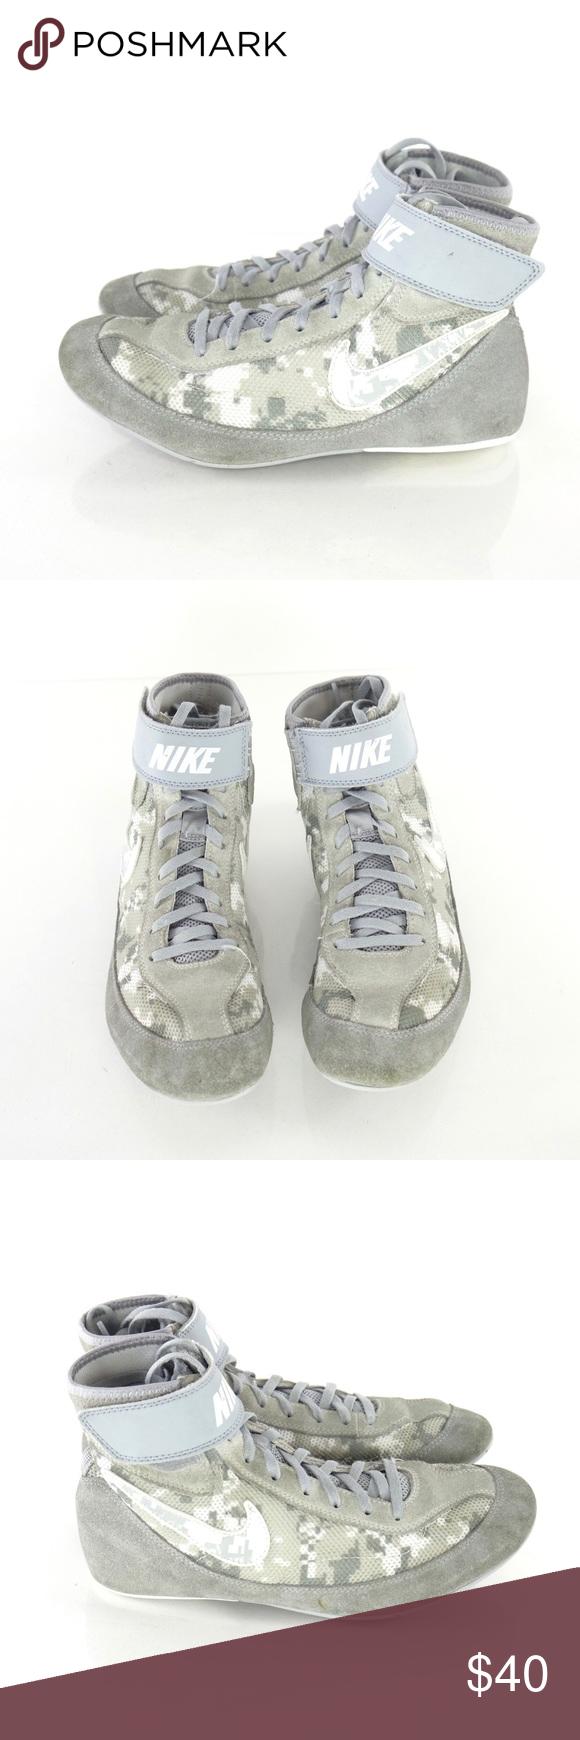 Wrestling shoes, Nike men